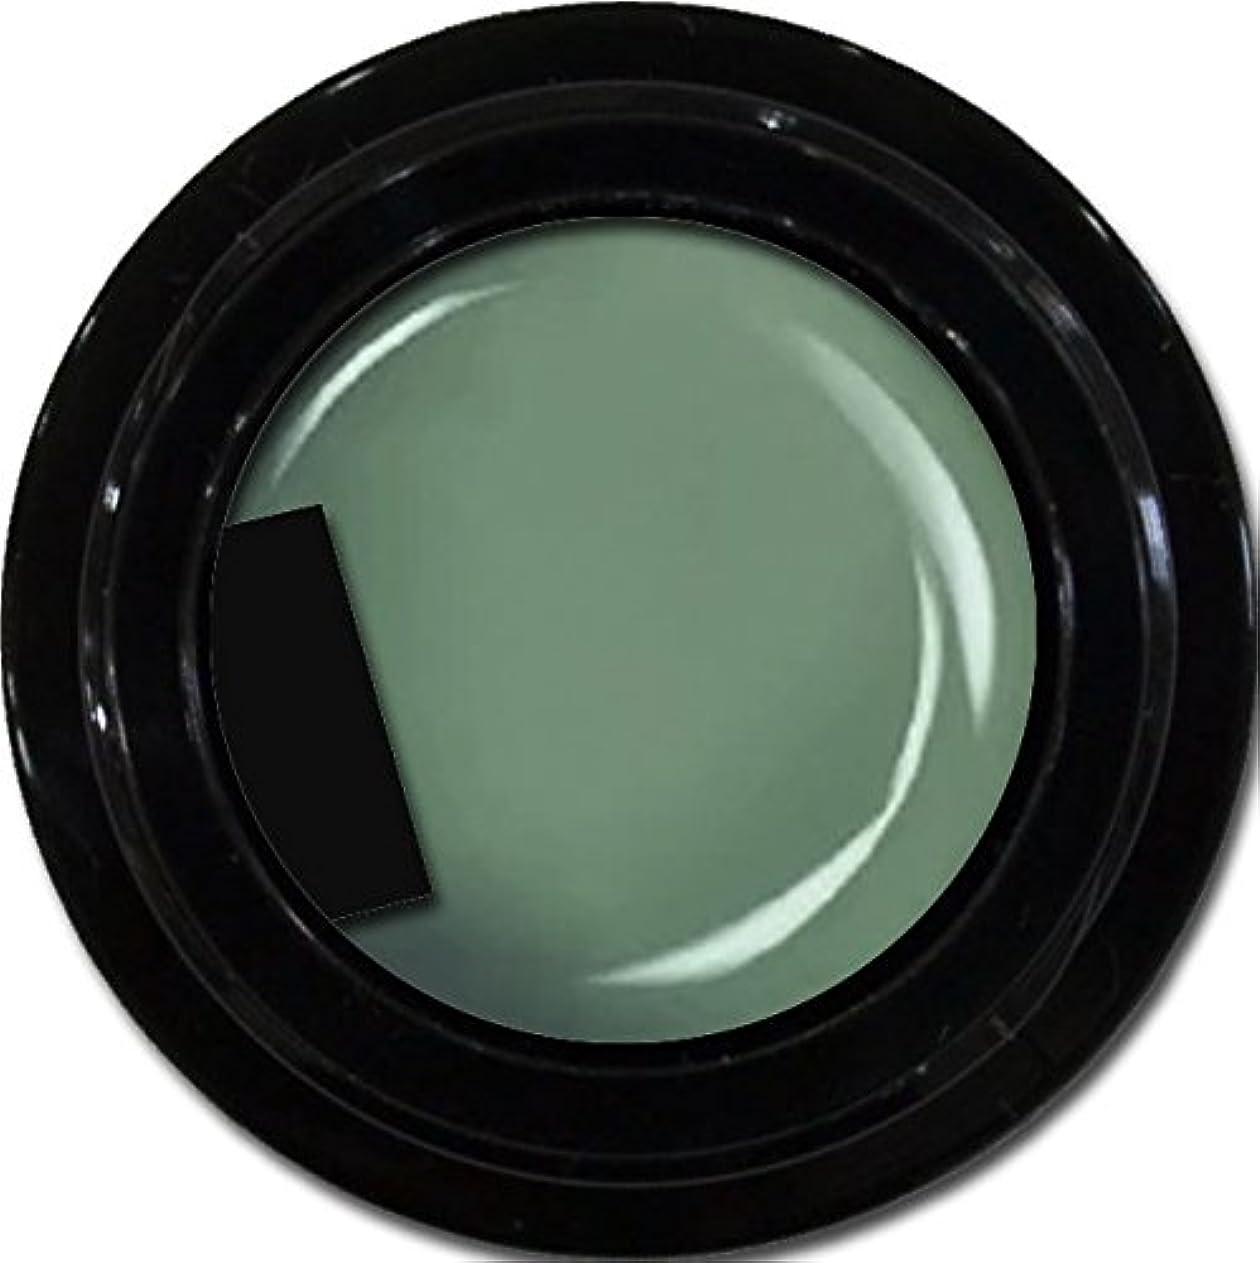 講師悪化するナンセンスカラージェル enchant color gel M714 Army 3g/ マットカラージェル M714 アーミー 3グラム